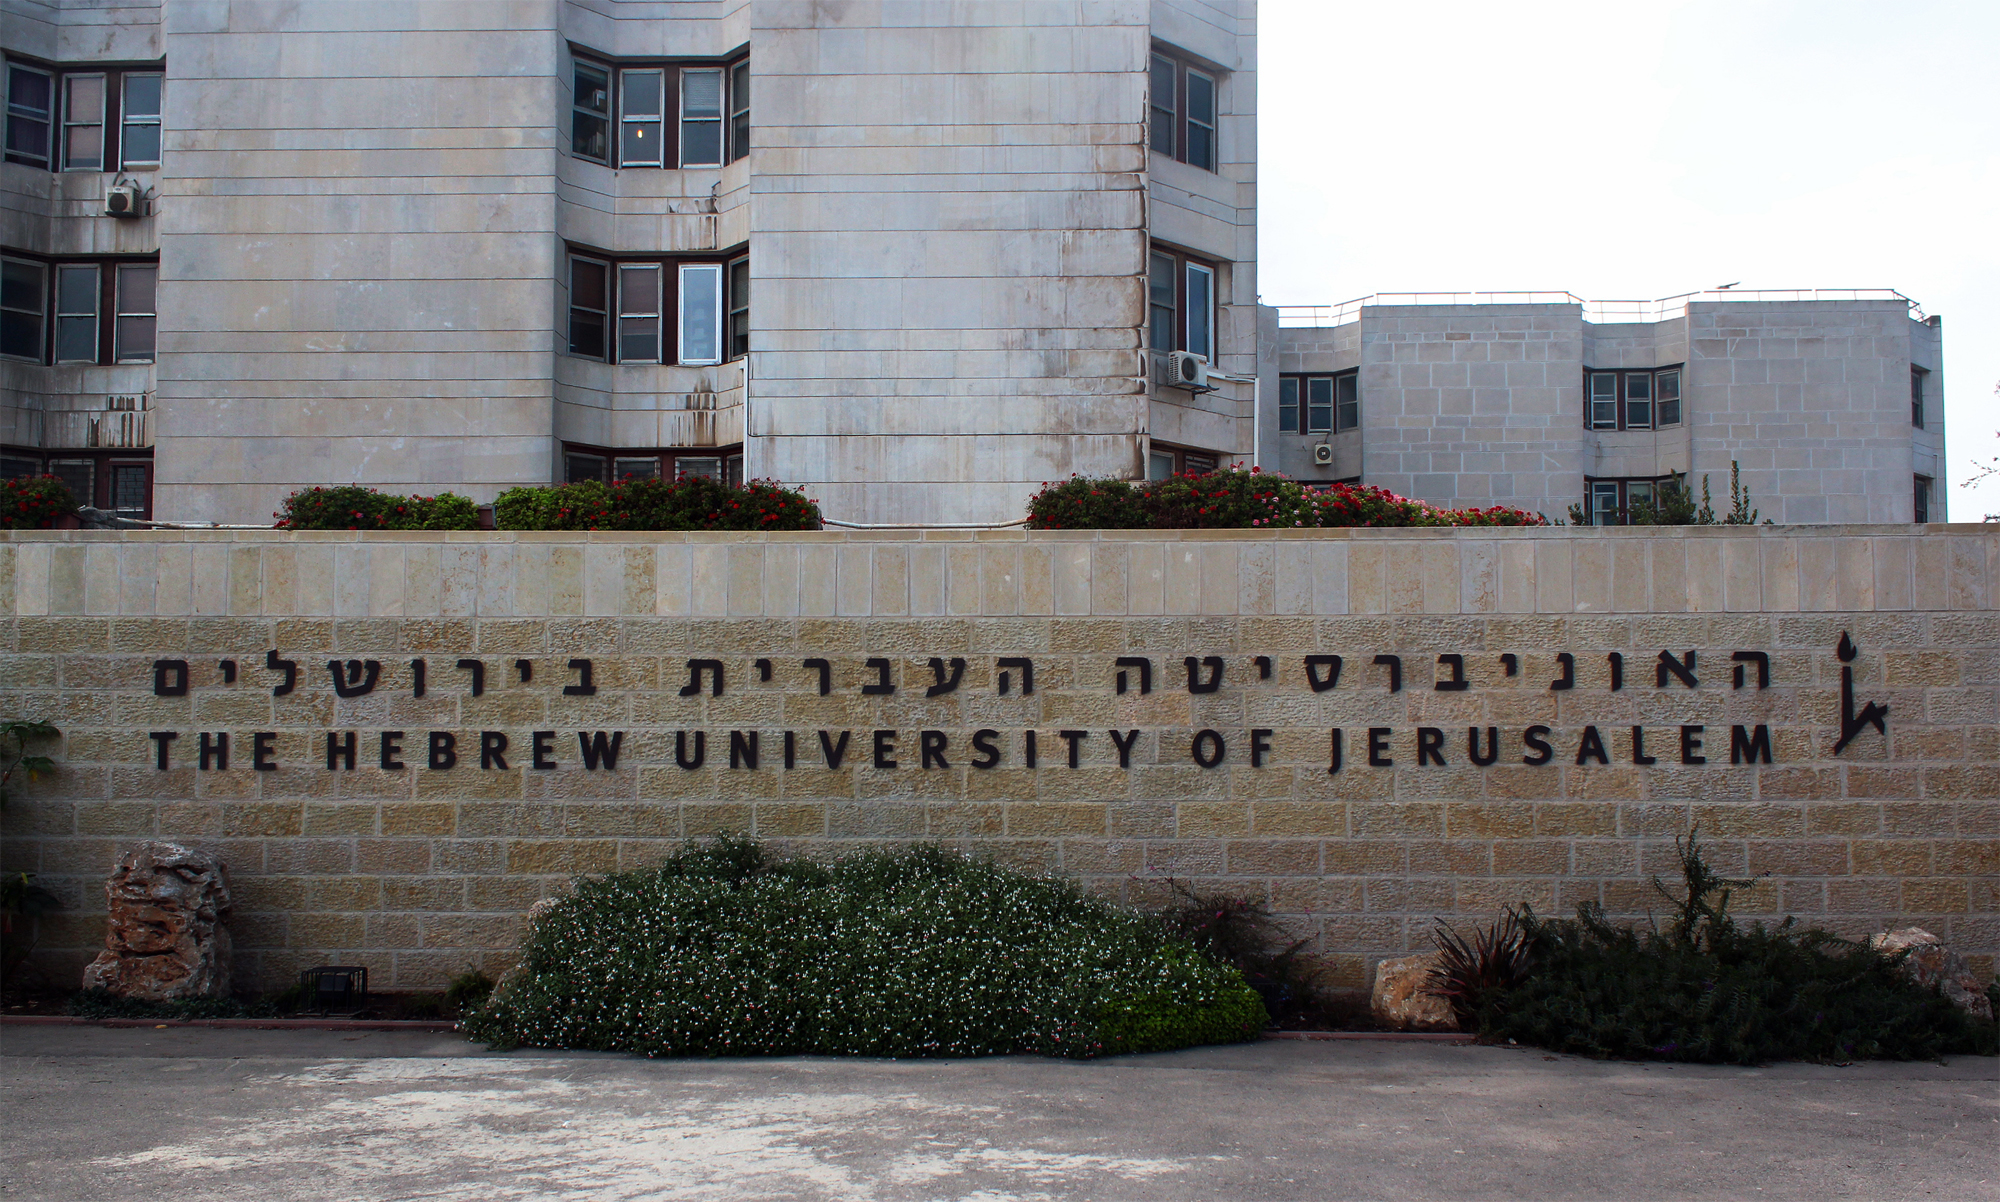 סטודנטיות בעברית נתפסו מעתיקות בבחינה ולא הורחקו מהלימודים